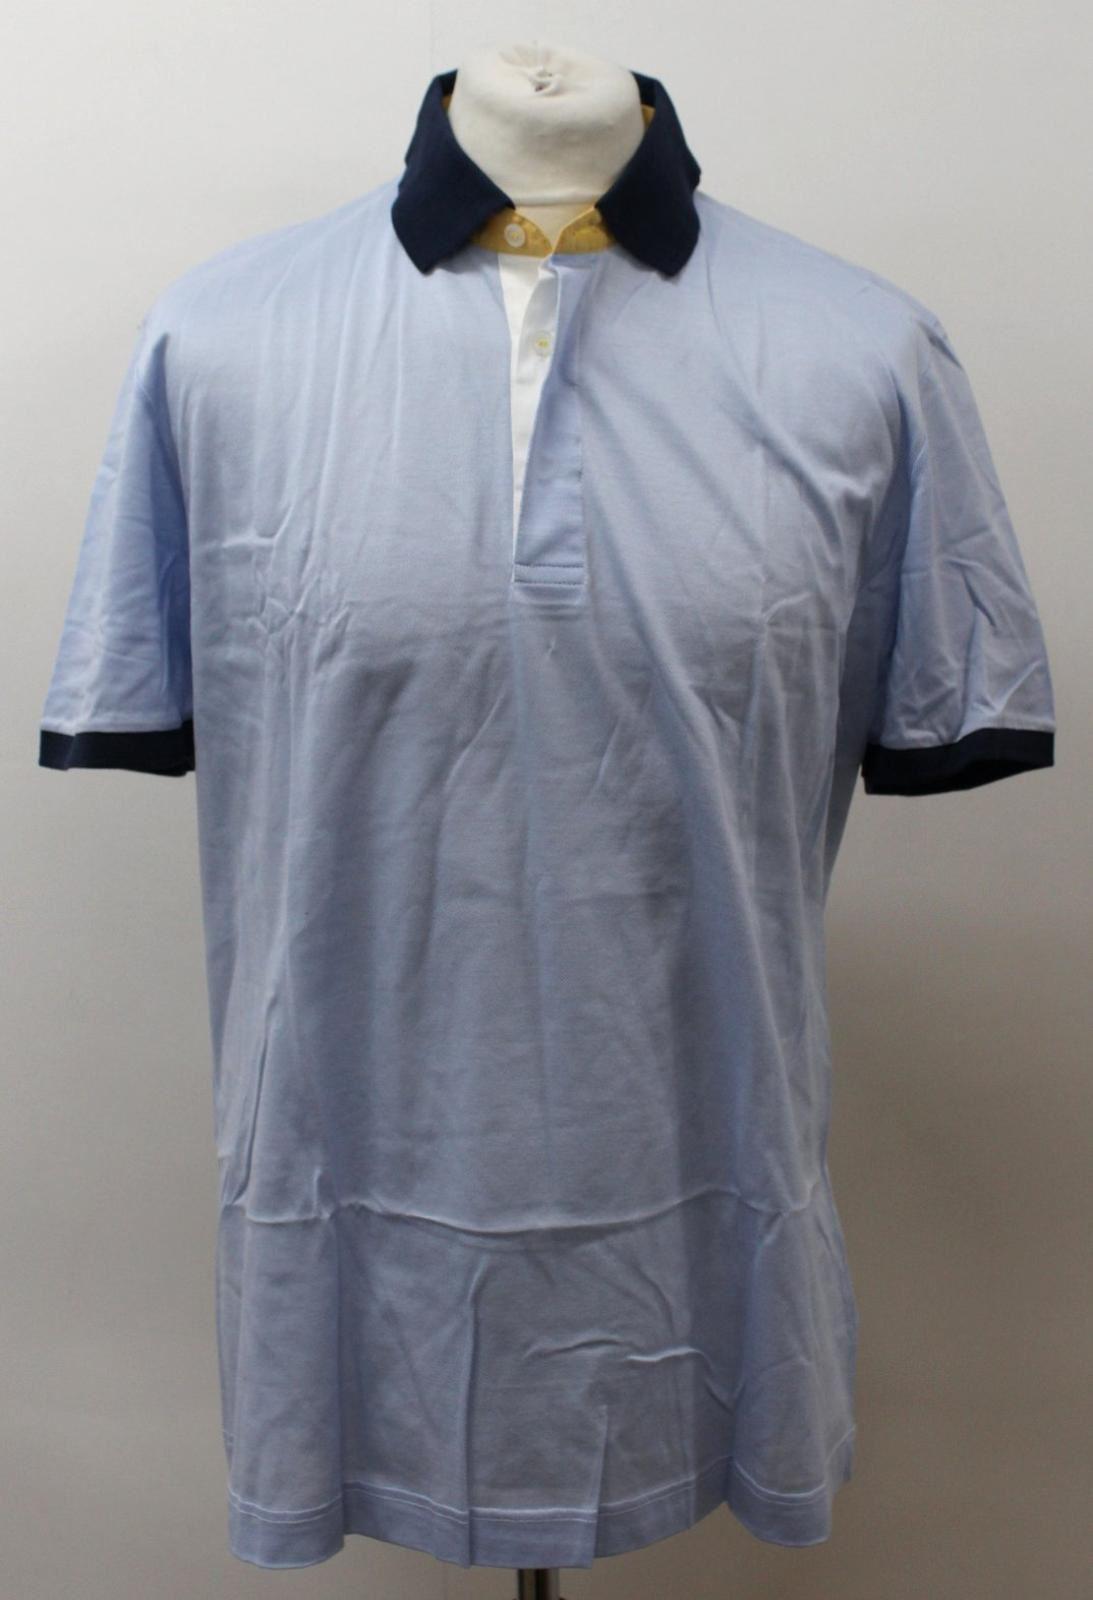 BNWT CRESPI Uomo Blu Cotone Manica Corta Corta Corta Con Colletto Collo Polo Taglia XL 342c58